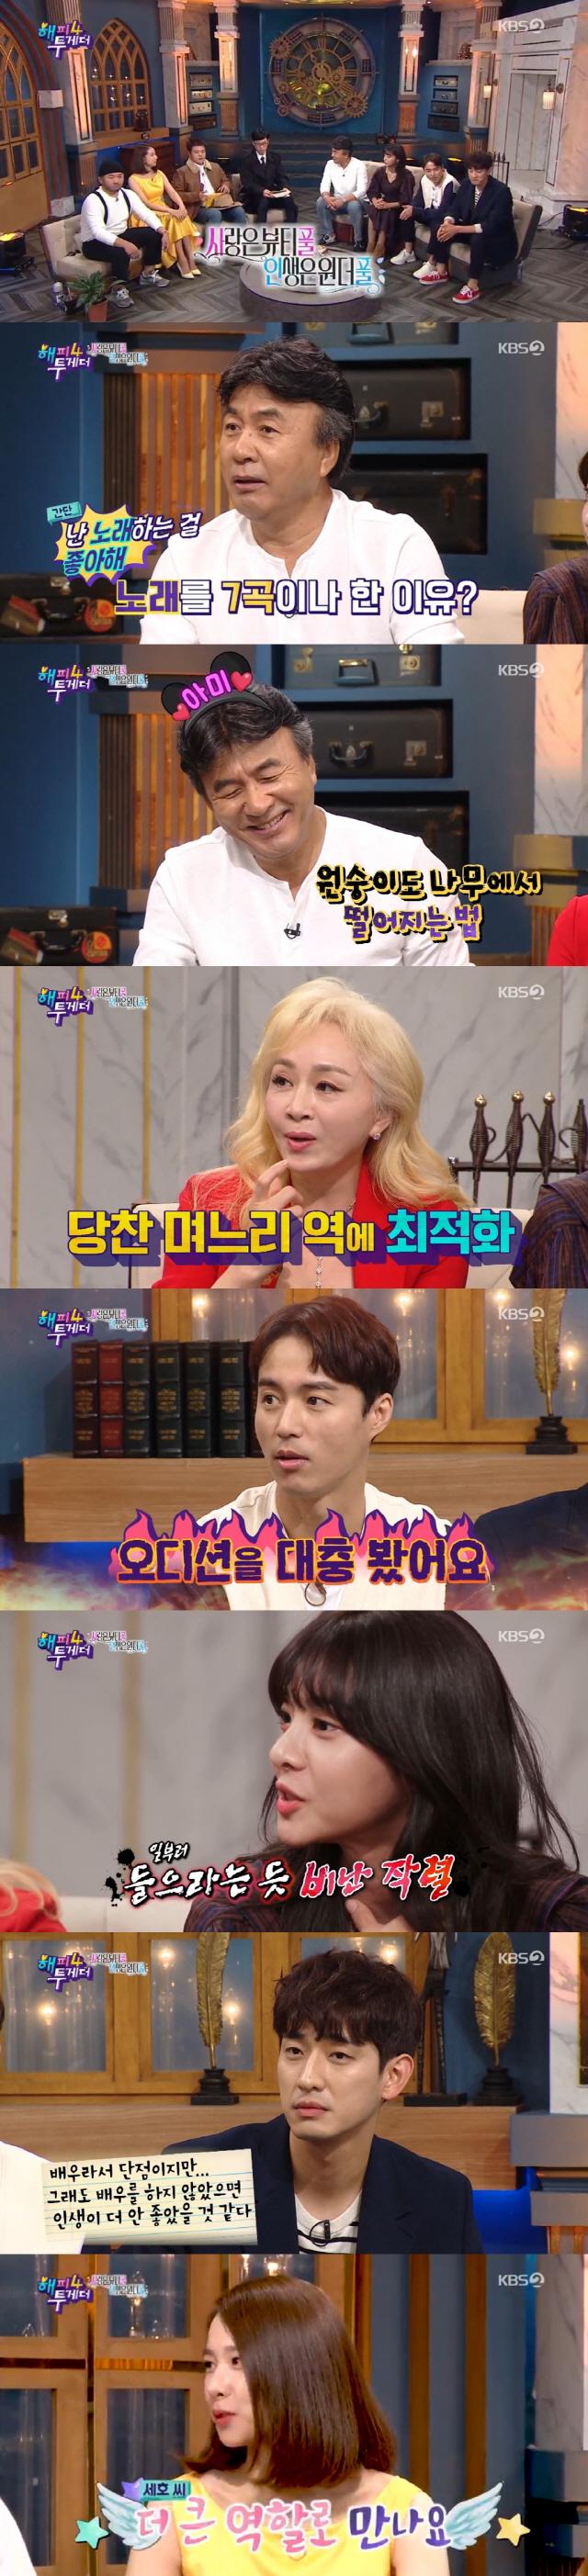 '해투4' 박영규→설인아, '사풀인풀' 배우들의 원더풀한 입담..'끈끈 팀워크'